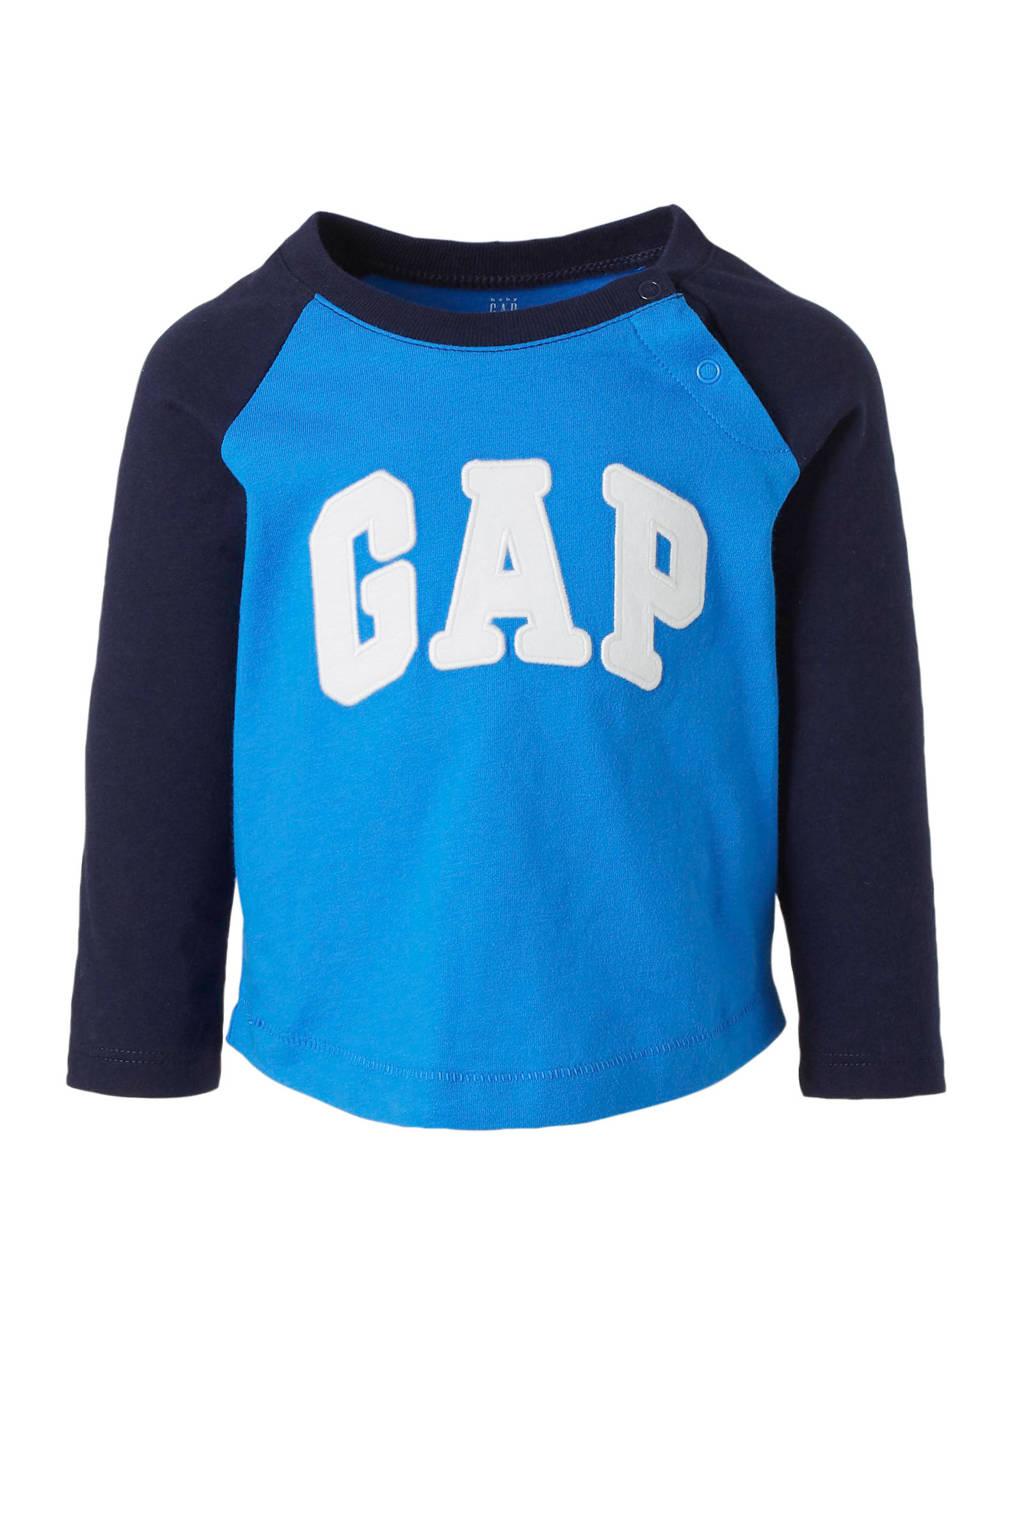 GAP baby longsleeve met borduursels blauw/donkerblauw/wit, Blauw/donkerblauw/wit